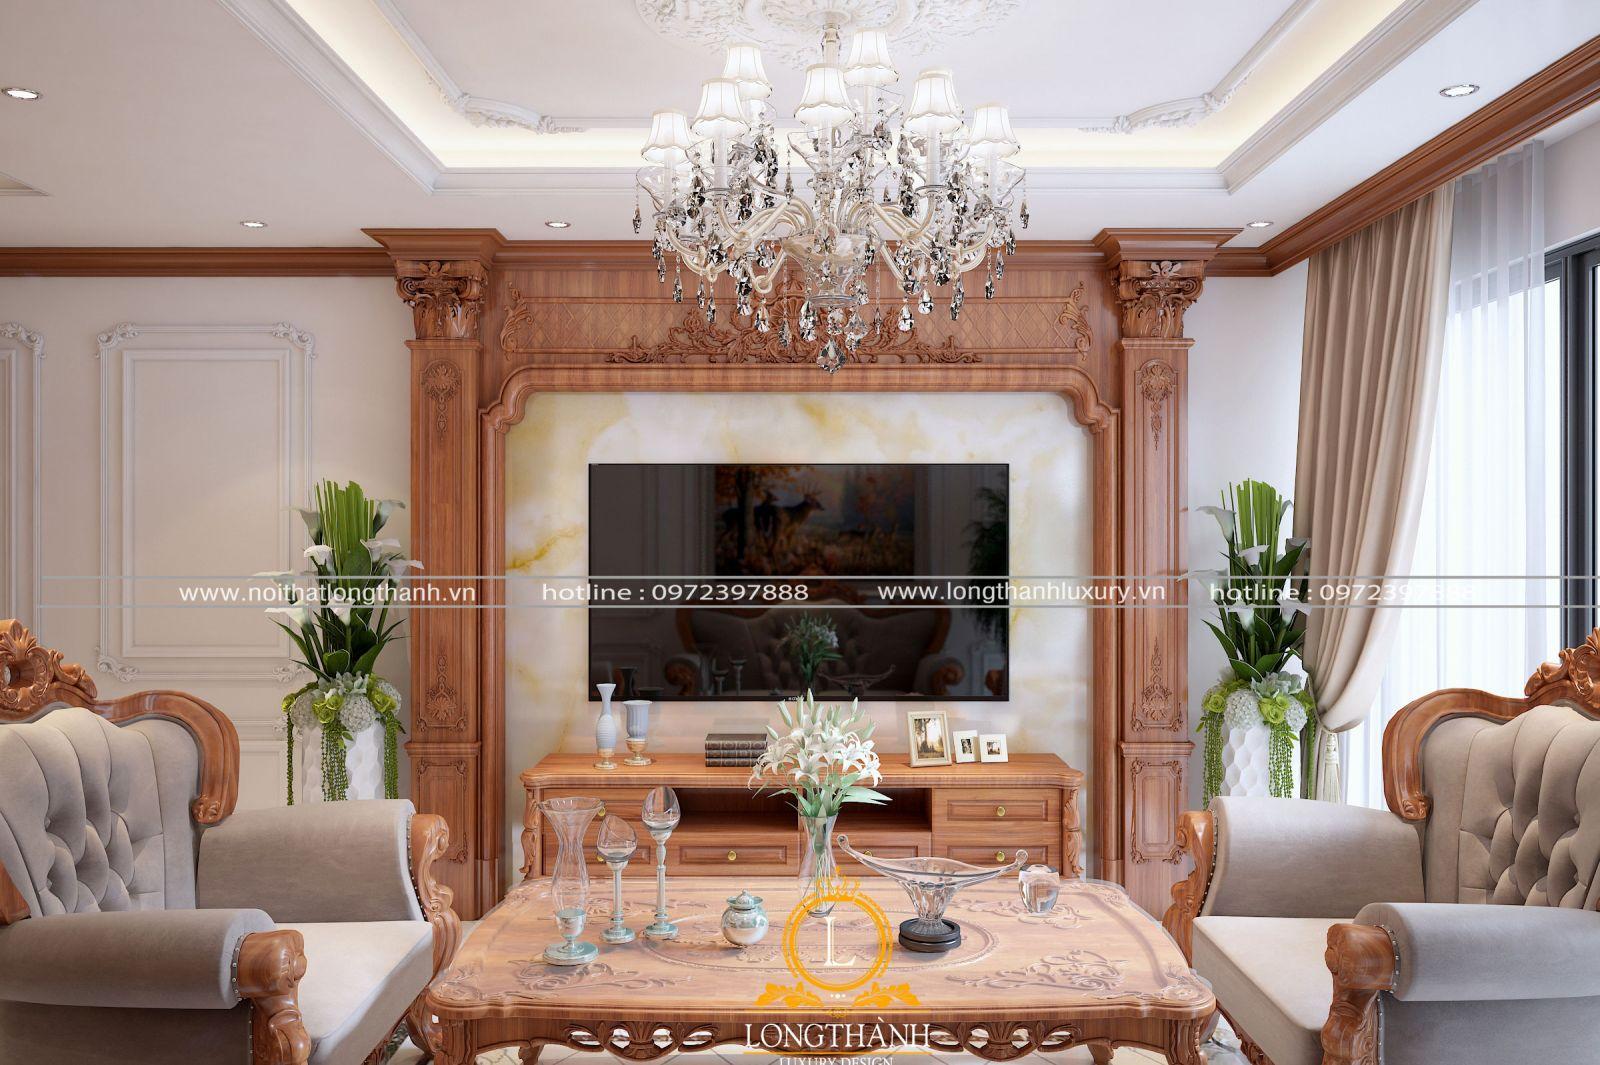 Cây xanh được bố trí giúp cho phòng khách thêm sinh động hơn